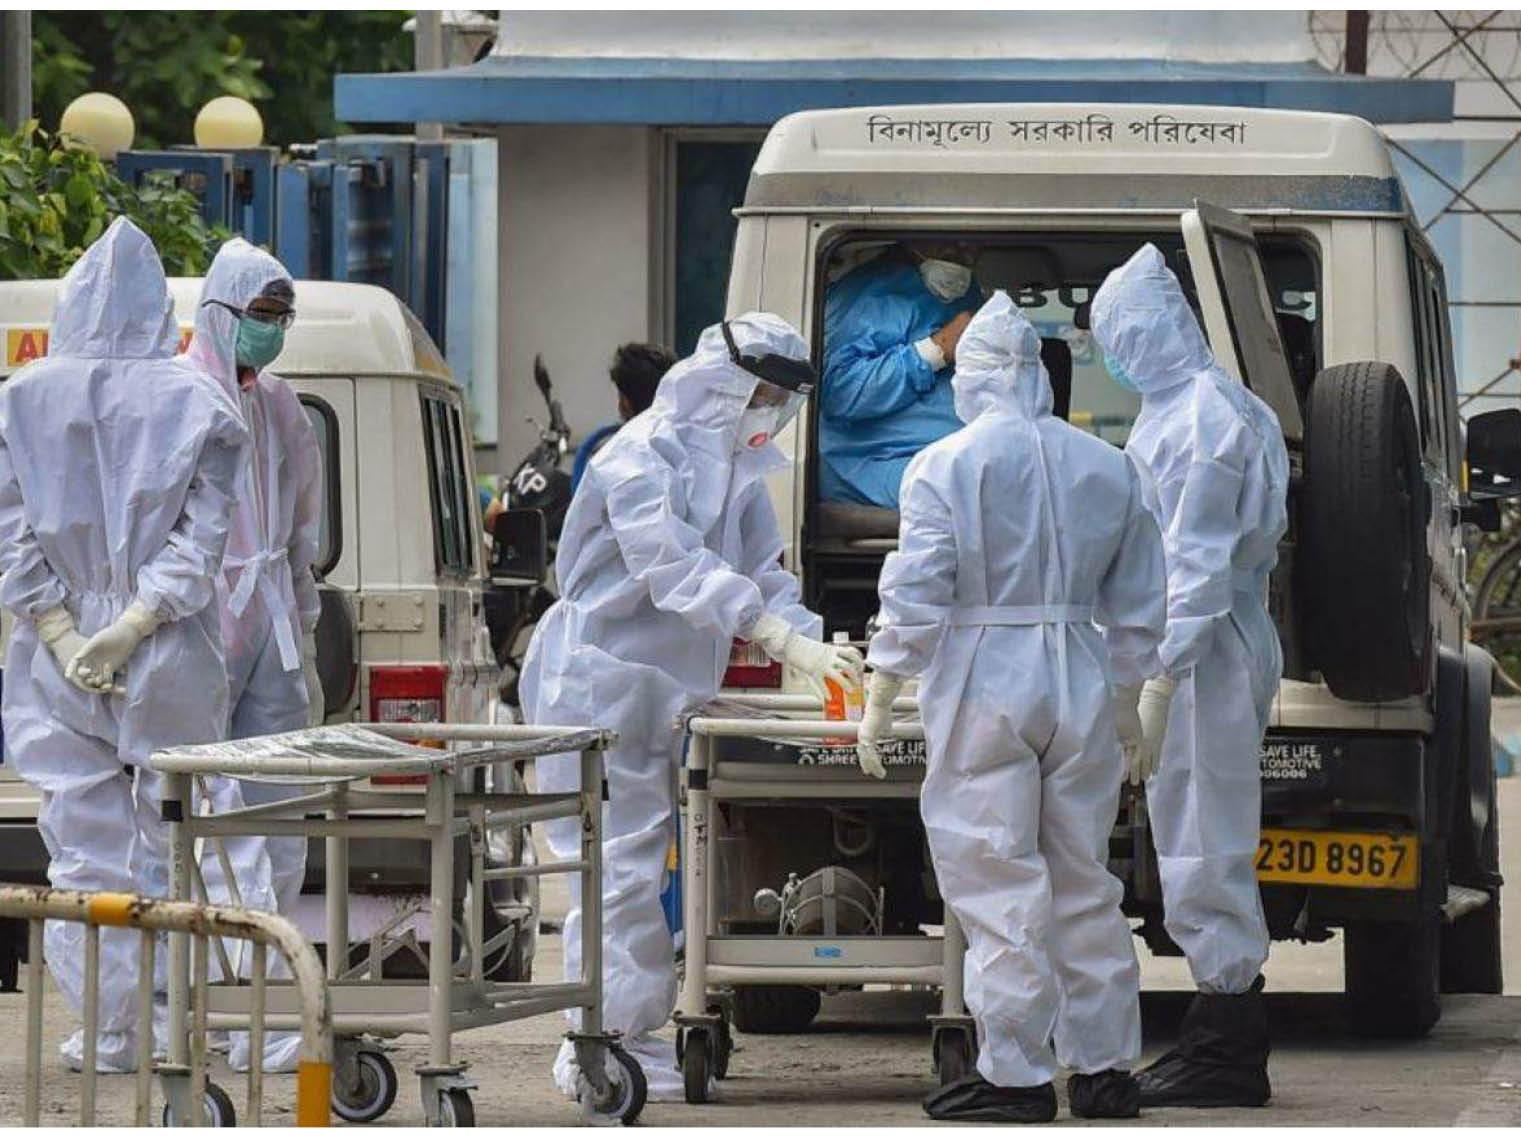 MP में 1 लाख देने के ऐलान के बाद मौत छिपाने का खेल; सरकारी अस्पताल में डेथ सर्टिफिकेट पर कोरोना दर्ज, प्राइवेट में कॉलम खाली|भोपाल,Bhopal - Dainik Bhaskar